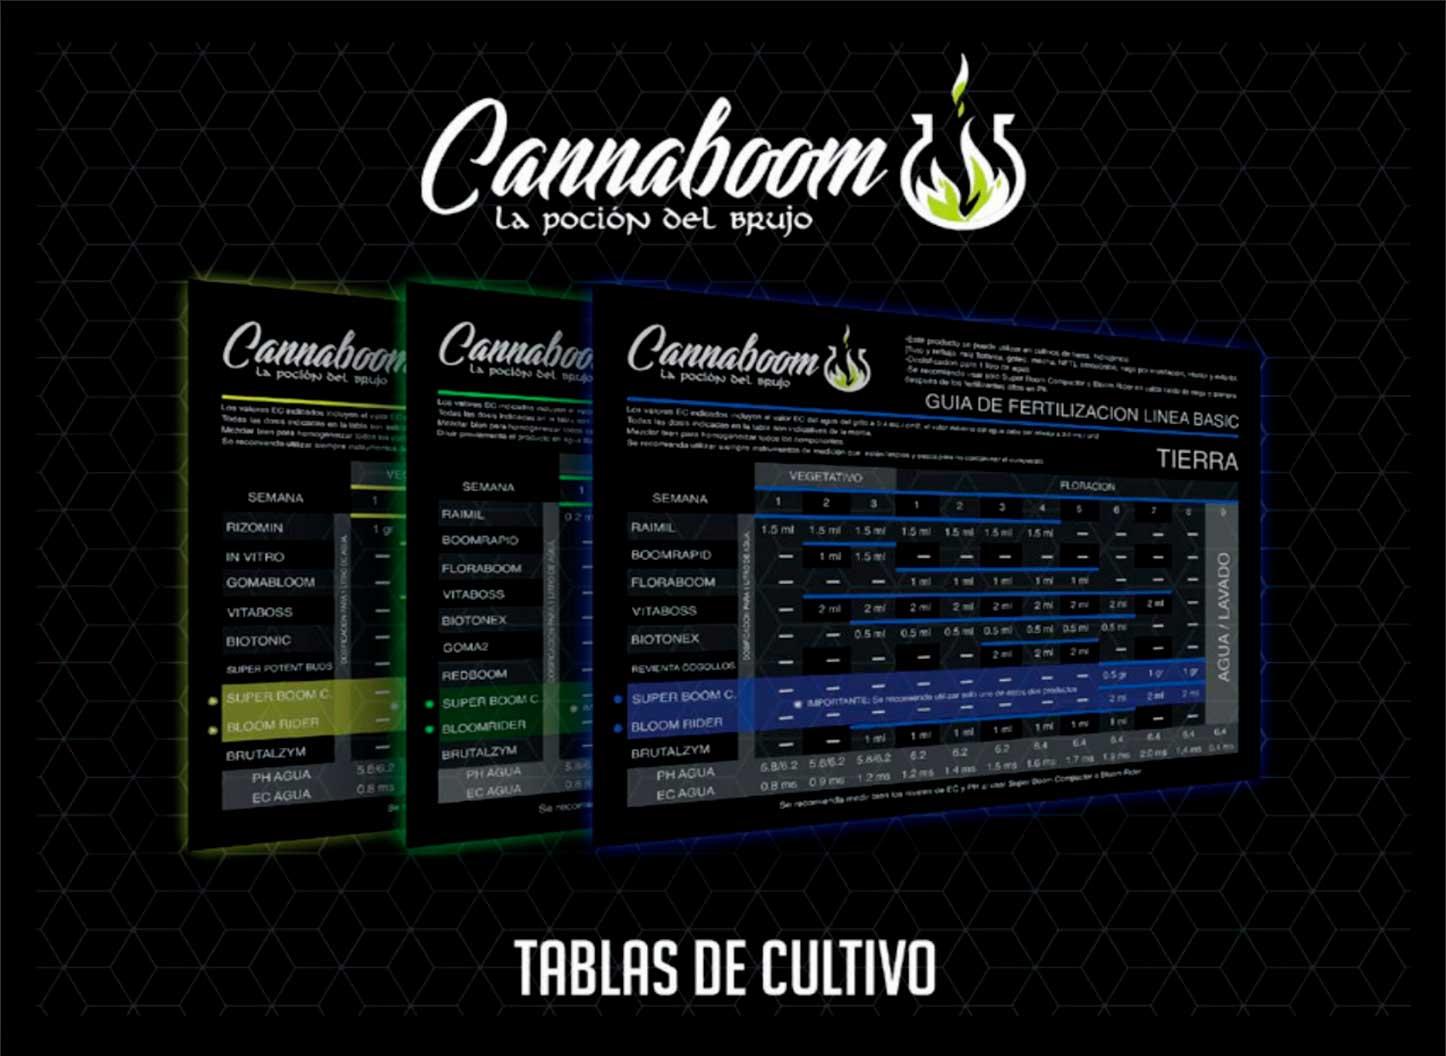 Tablas Cultivo Cannaboom 2020